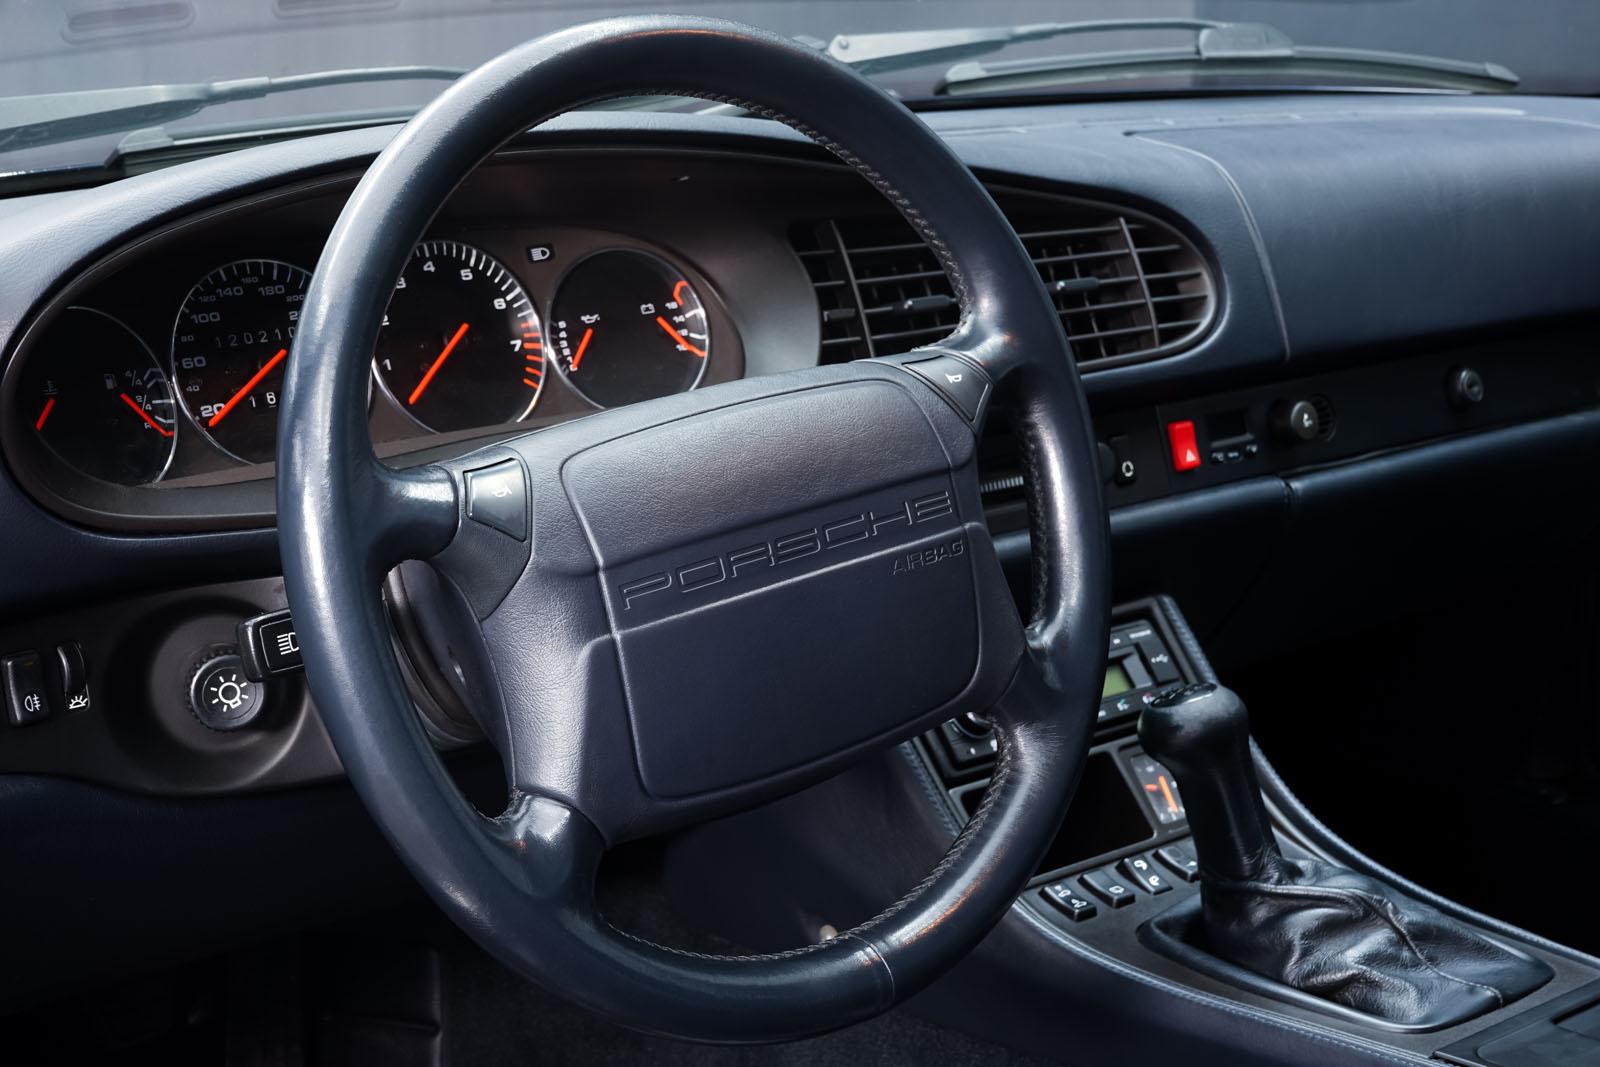 Porsche_968_Blau_Blau_POR-1736_7_w